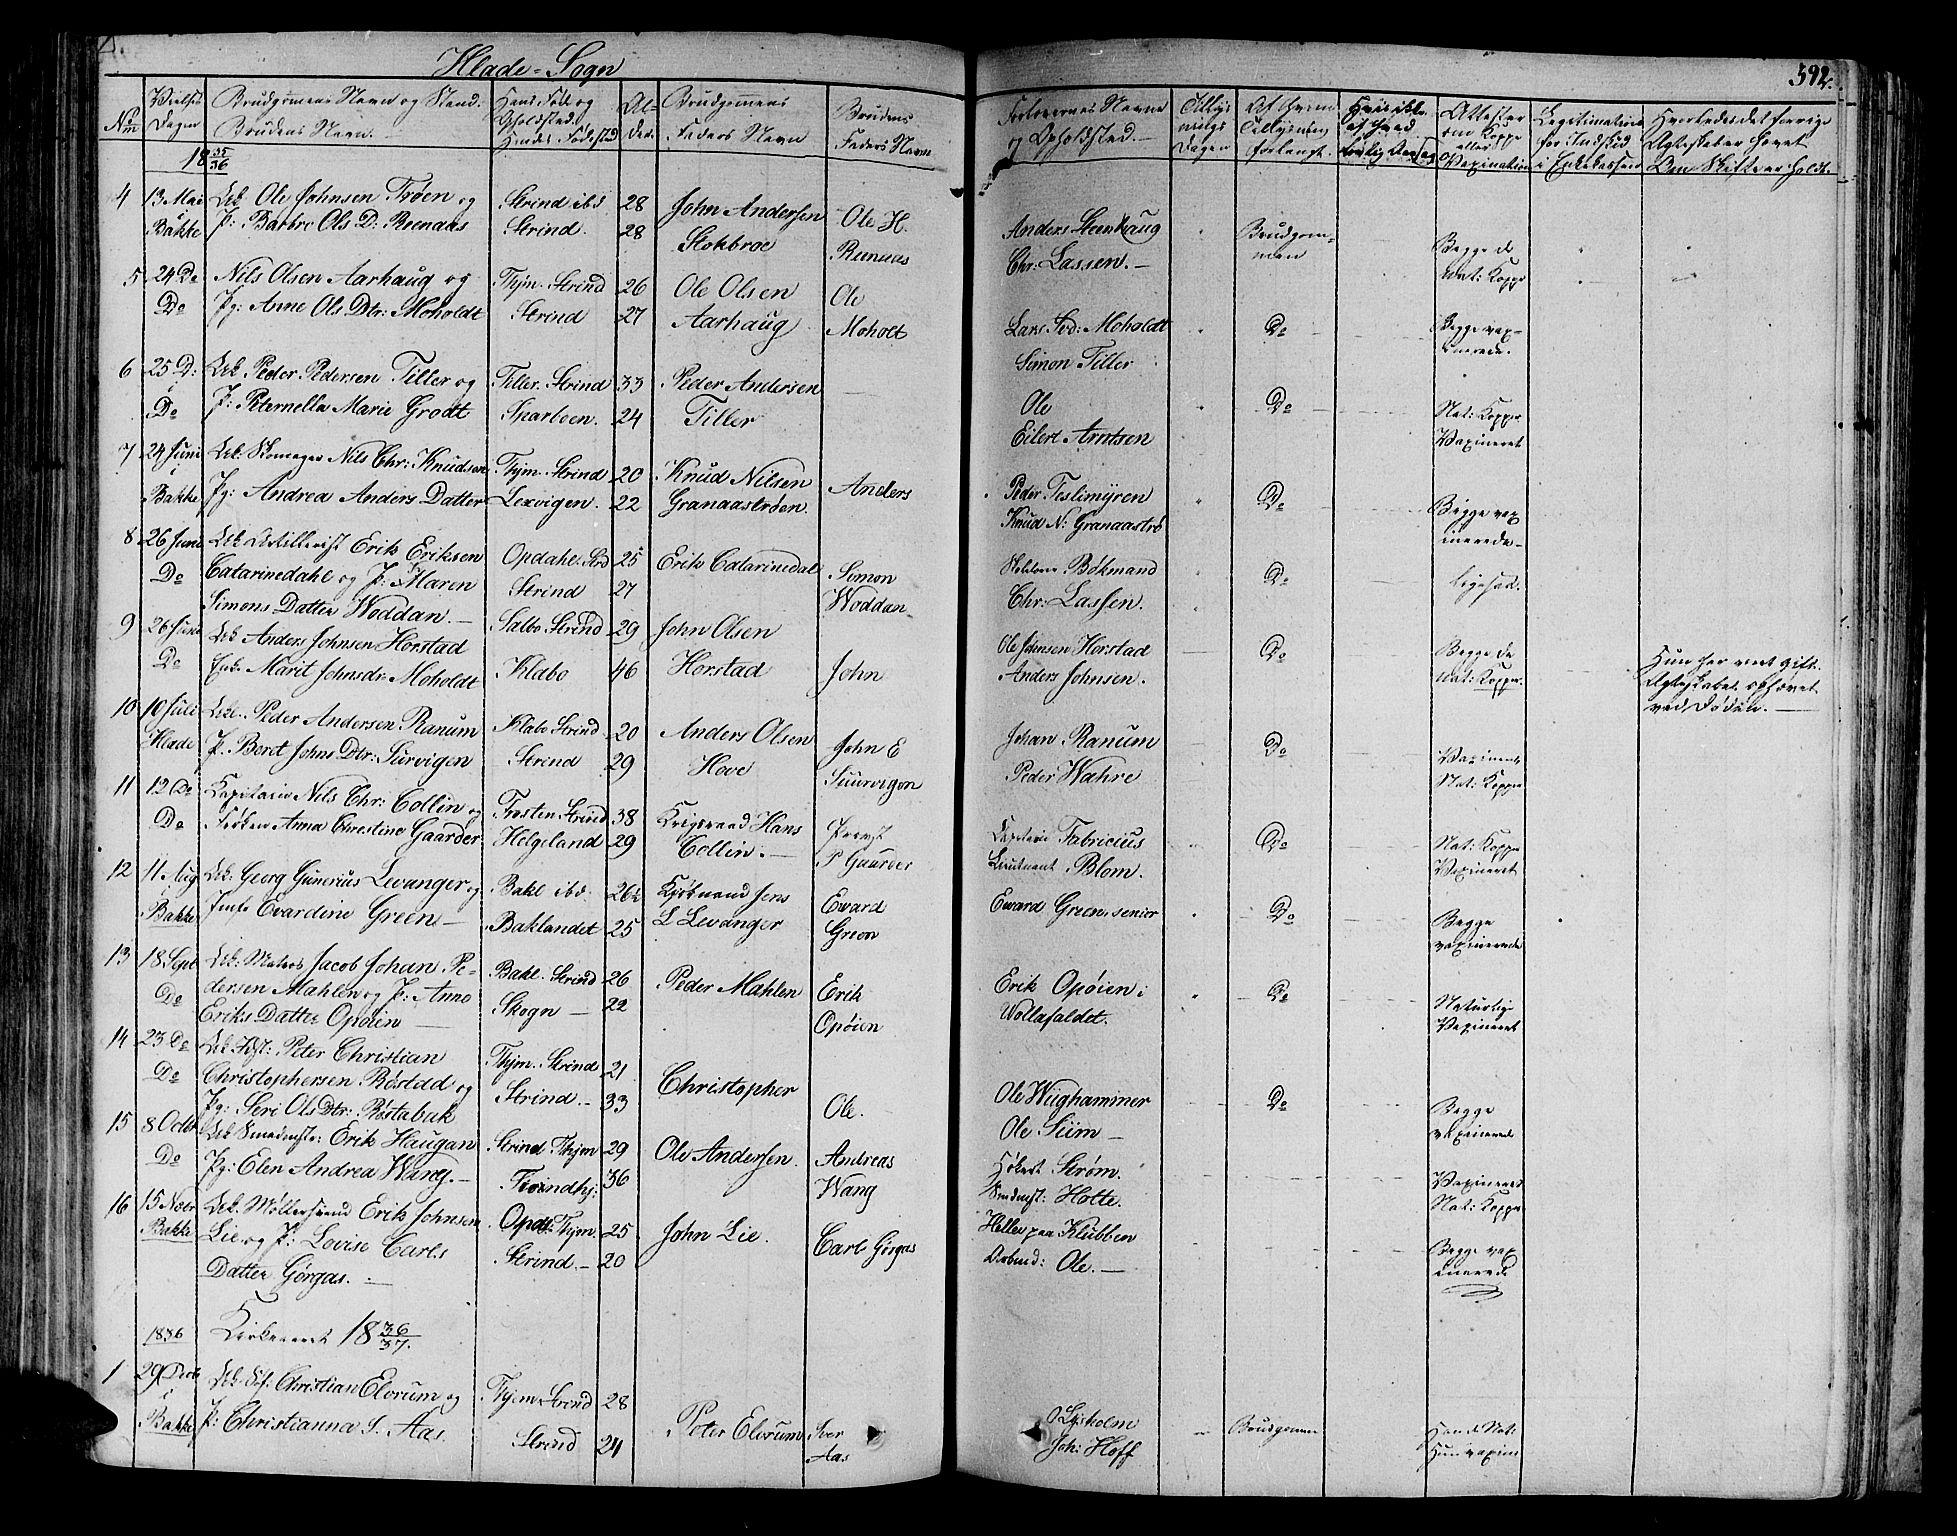 SAT, Ministerialprotokoller, klokkerbøker og fødselsregistre - Sør-Trøndelag, 606/L0286: Ministerialbok nr. 606A04 /1, 1823-1840, s. 392